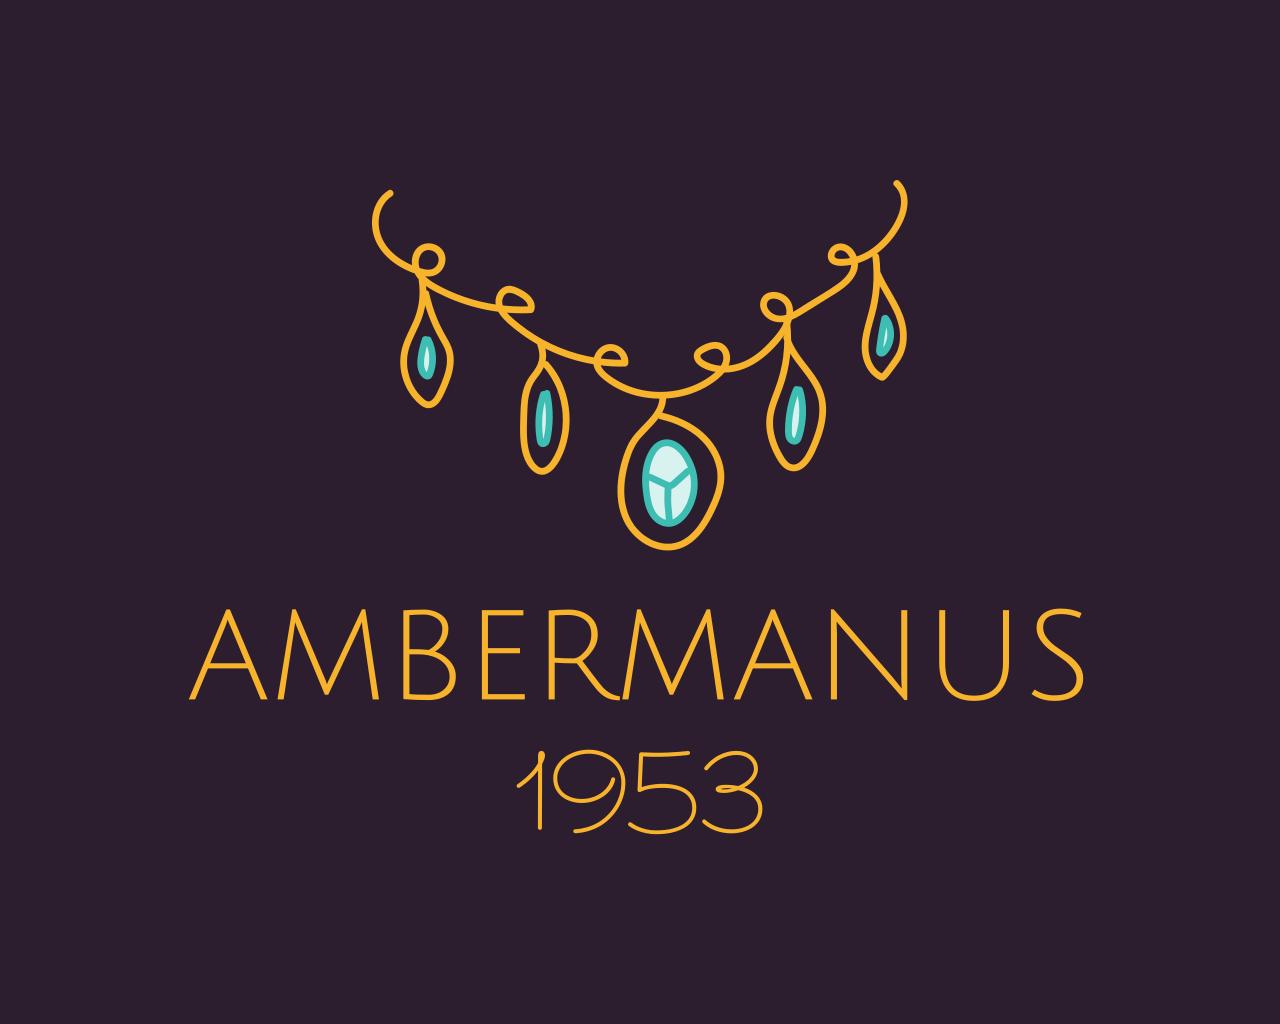 Ambermanus